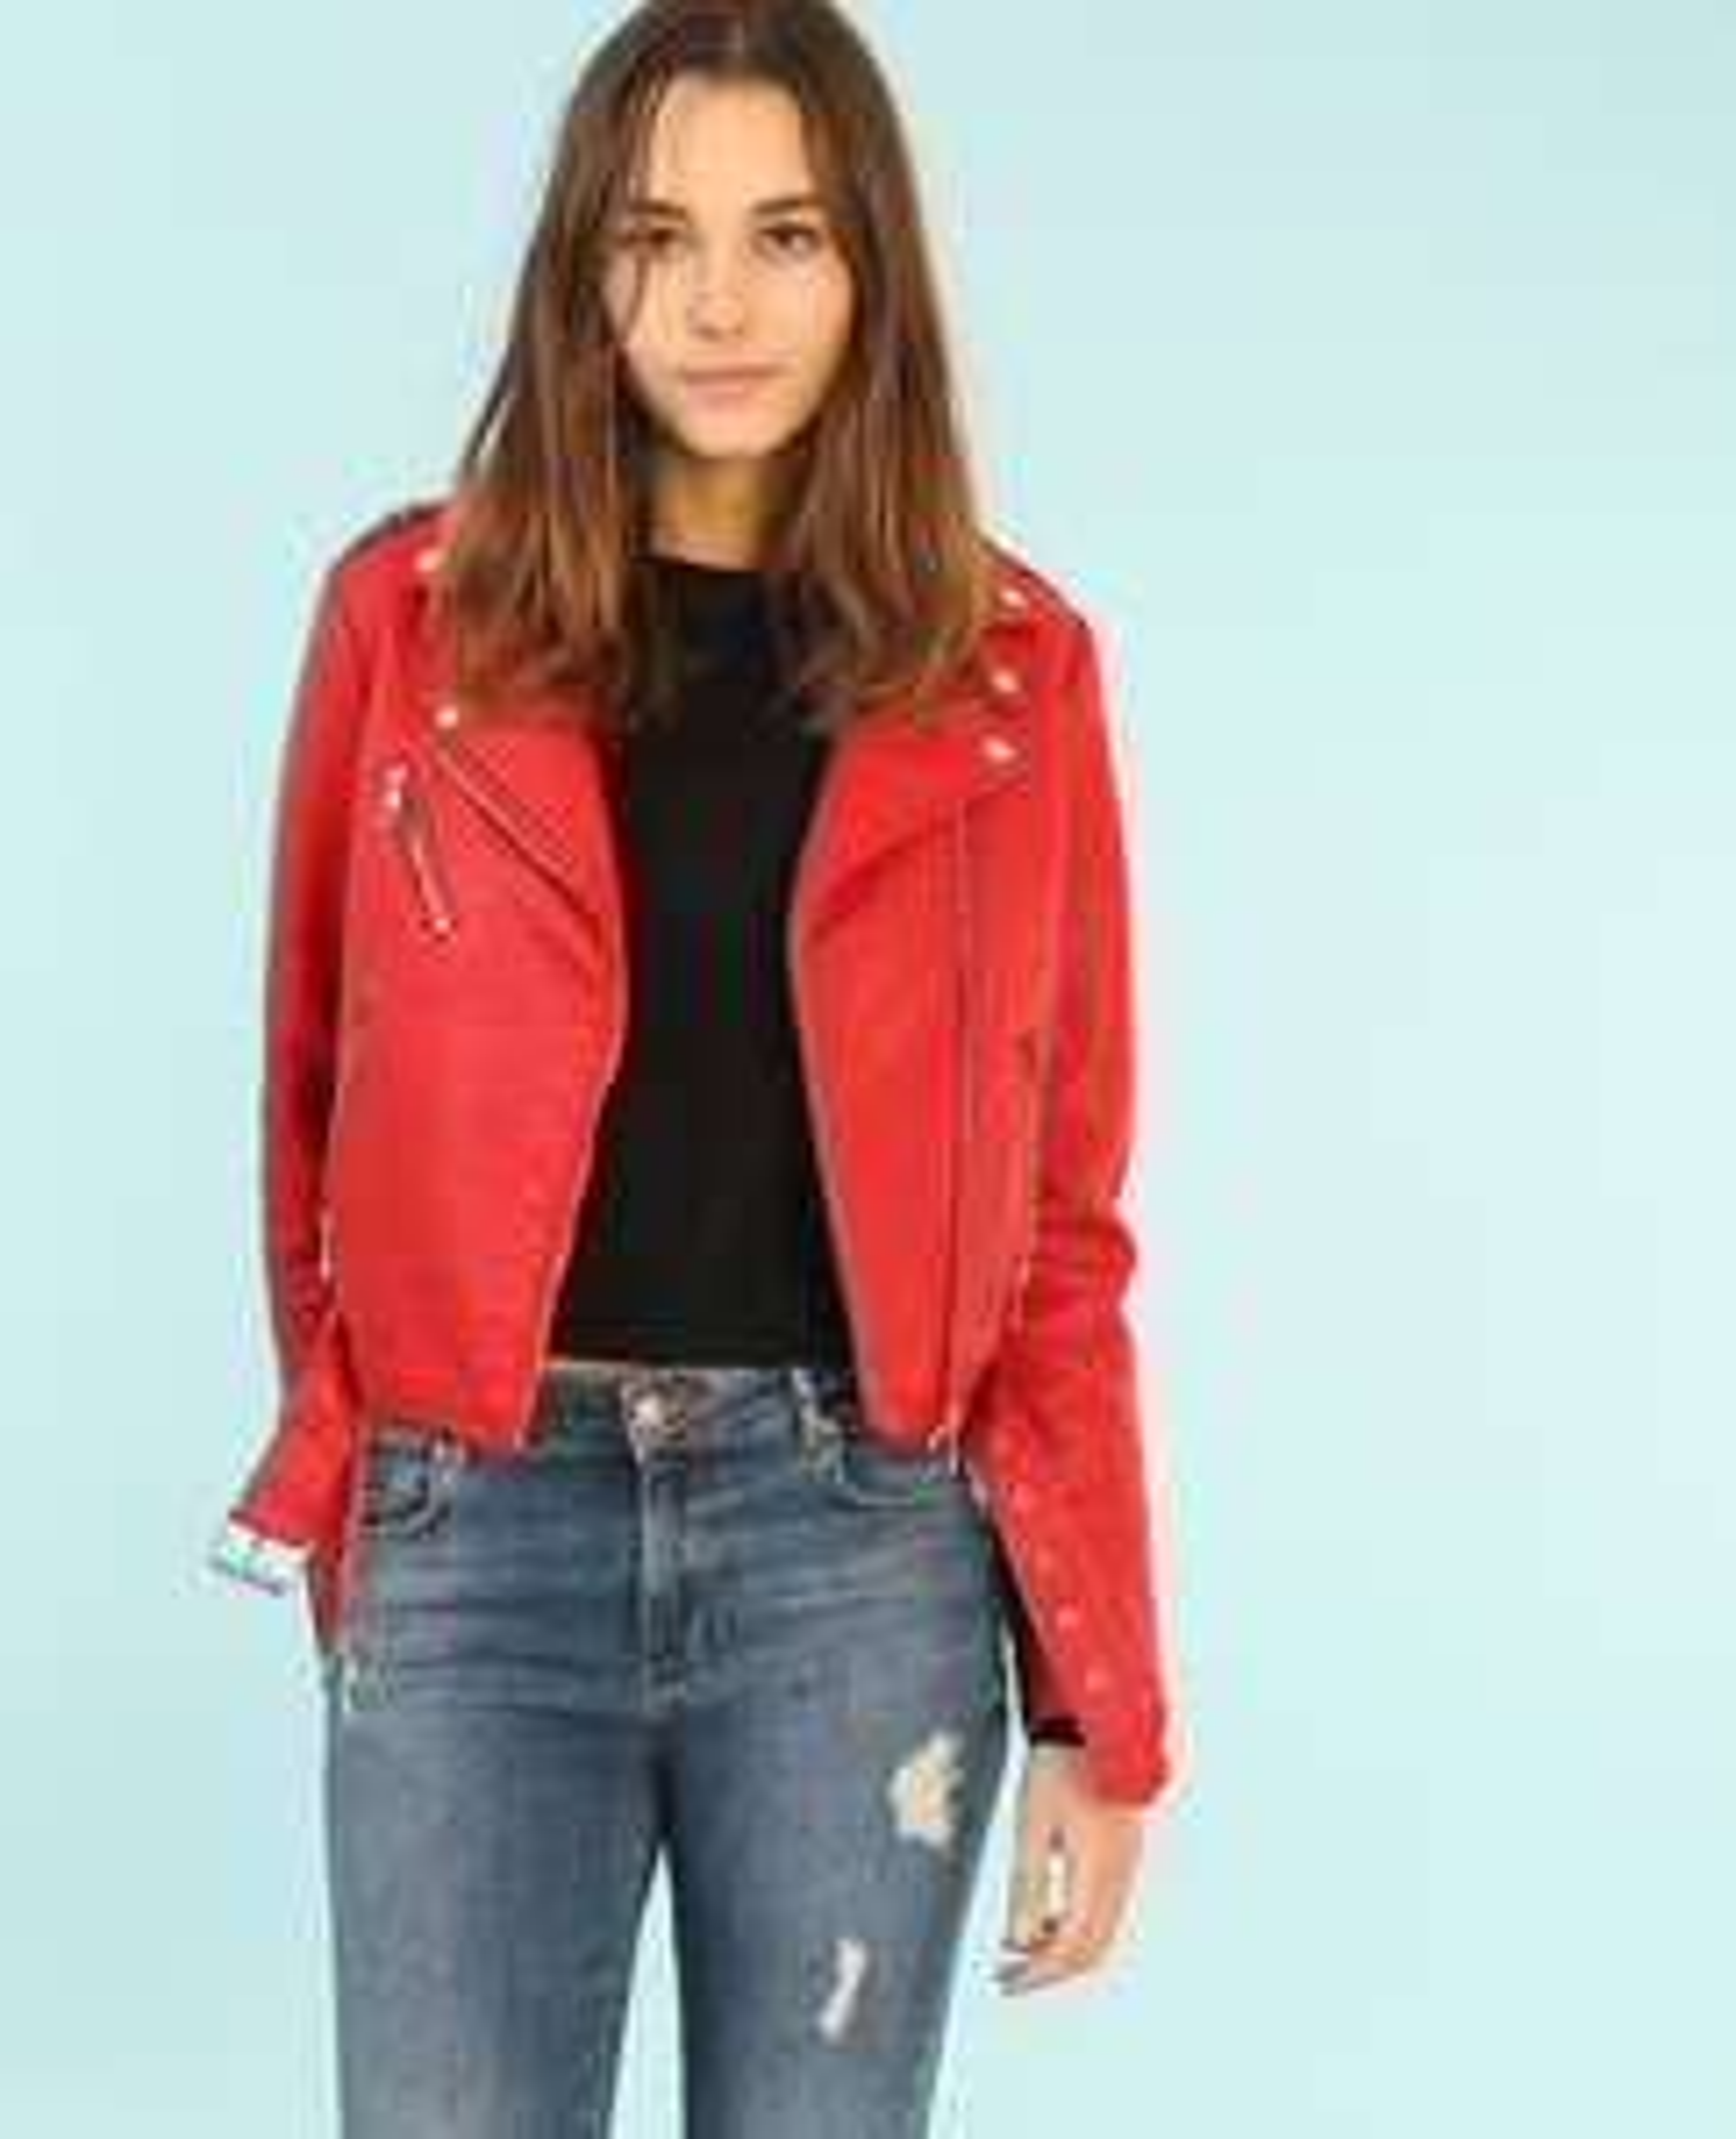 Veste biker rouge ou blanche - Taille XS, S, M ou L